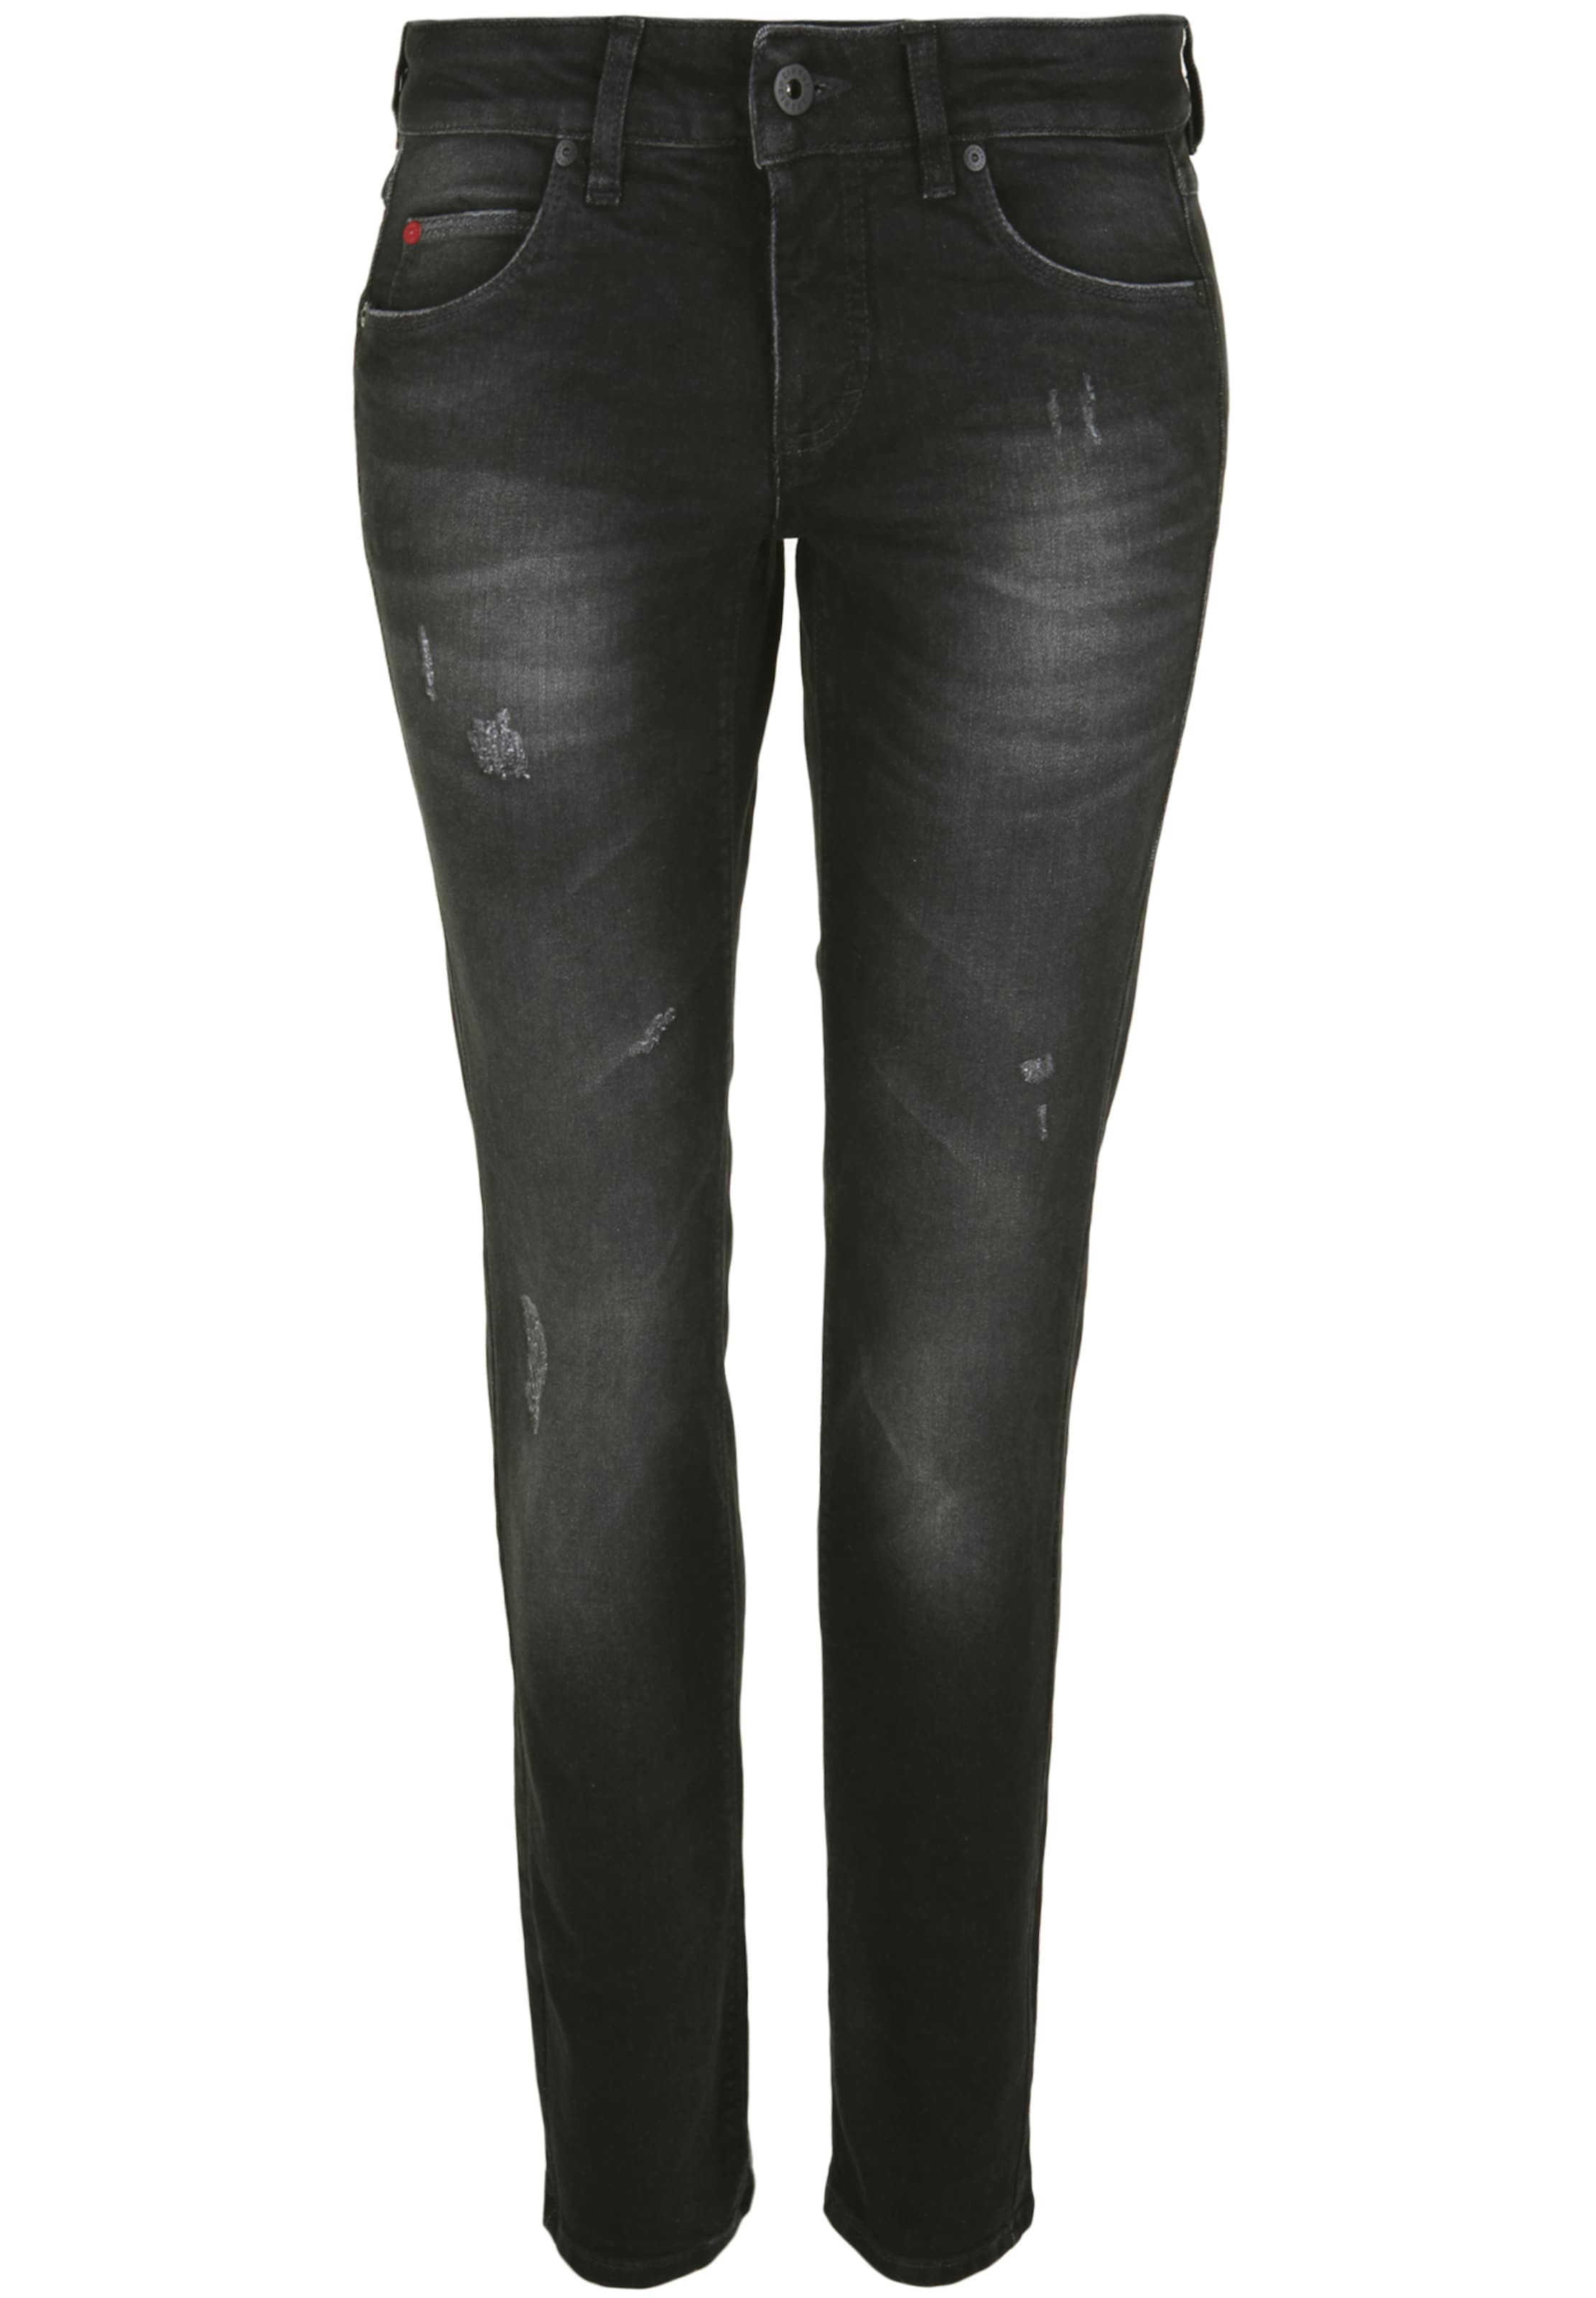 Jeans Jeans Cinque 'cisienna' Cinque In In Schwarz Cinque Jeans Schwarz 'cisienna' wn0OPk8